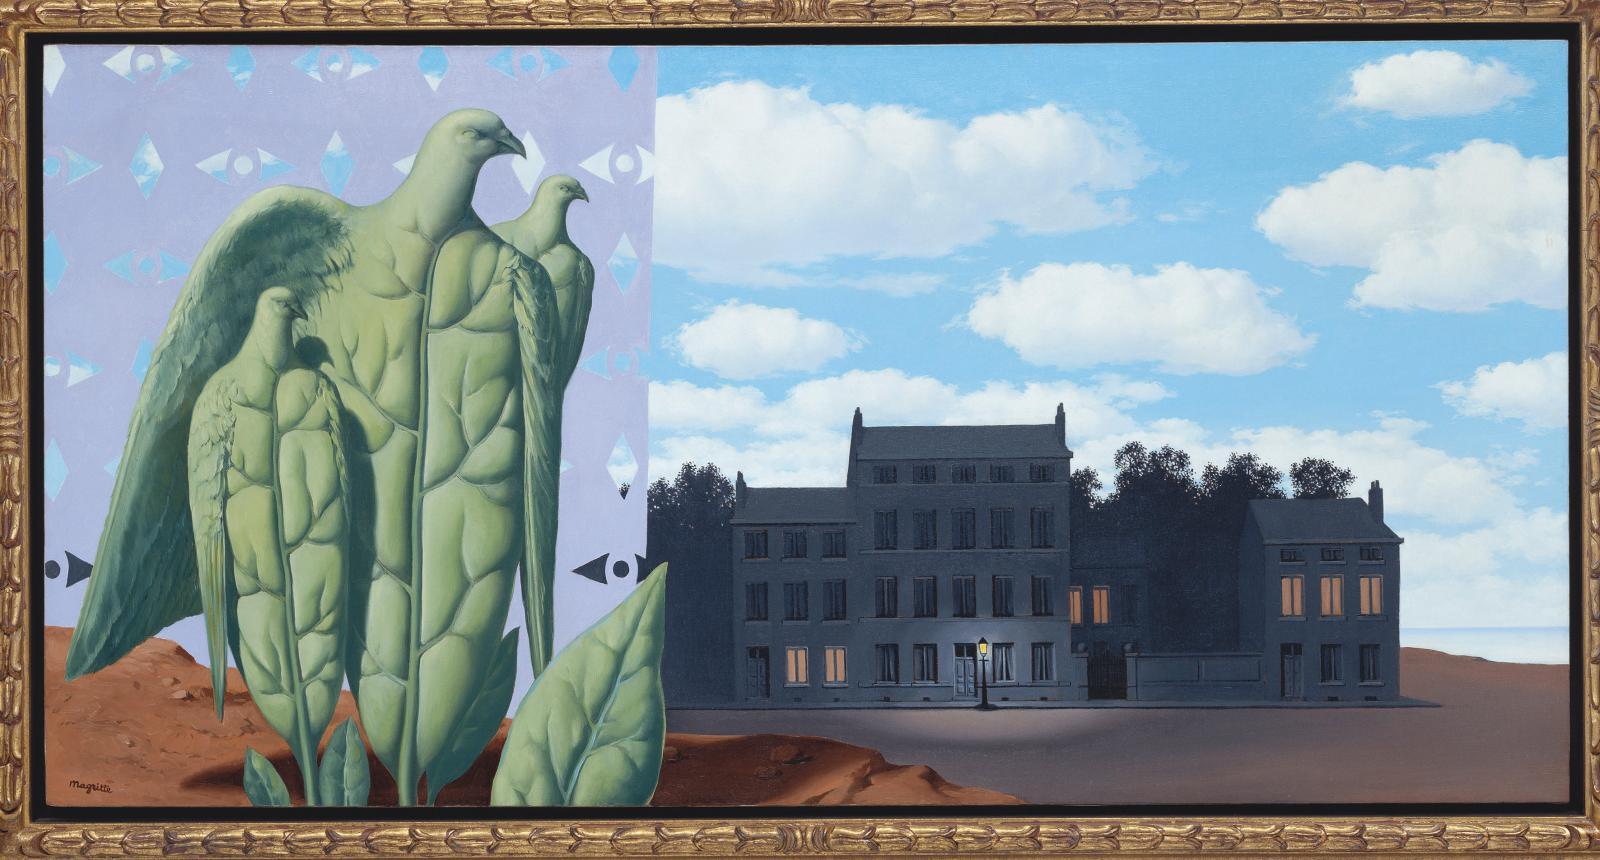 René Magritte, Le Domaine enchantéI, 1953, huile sur toile, 70x138cm. ©Collection Würth, Inv. 9252